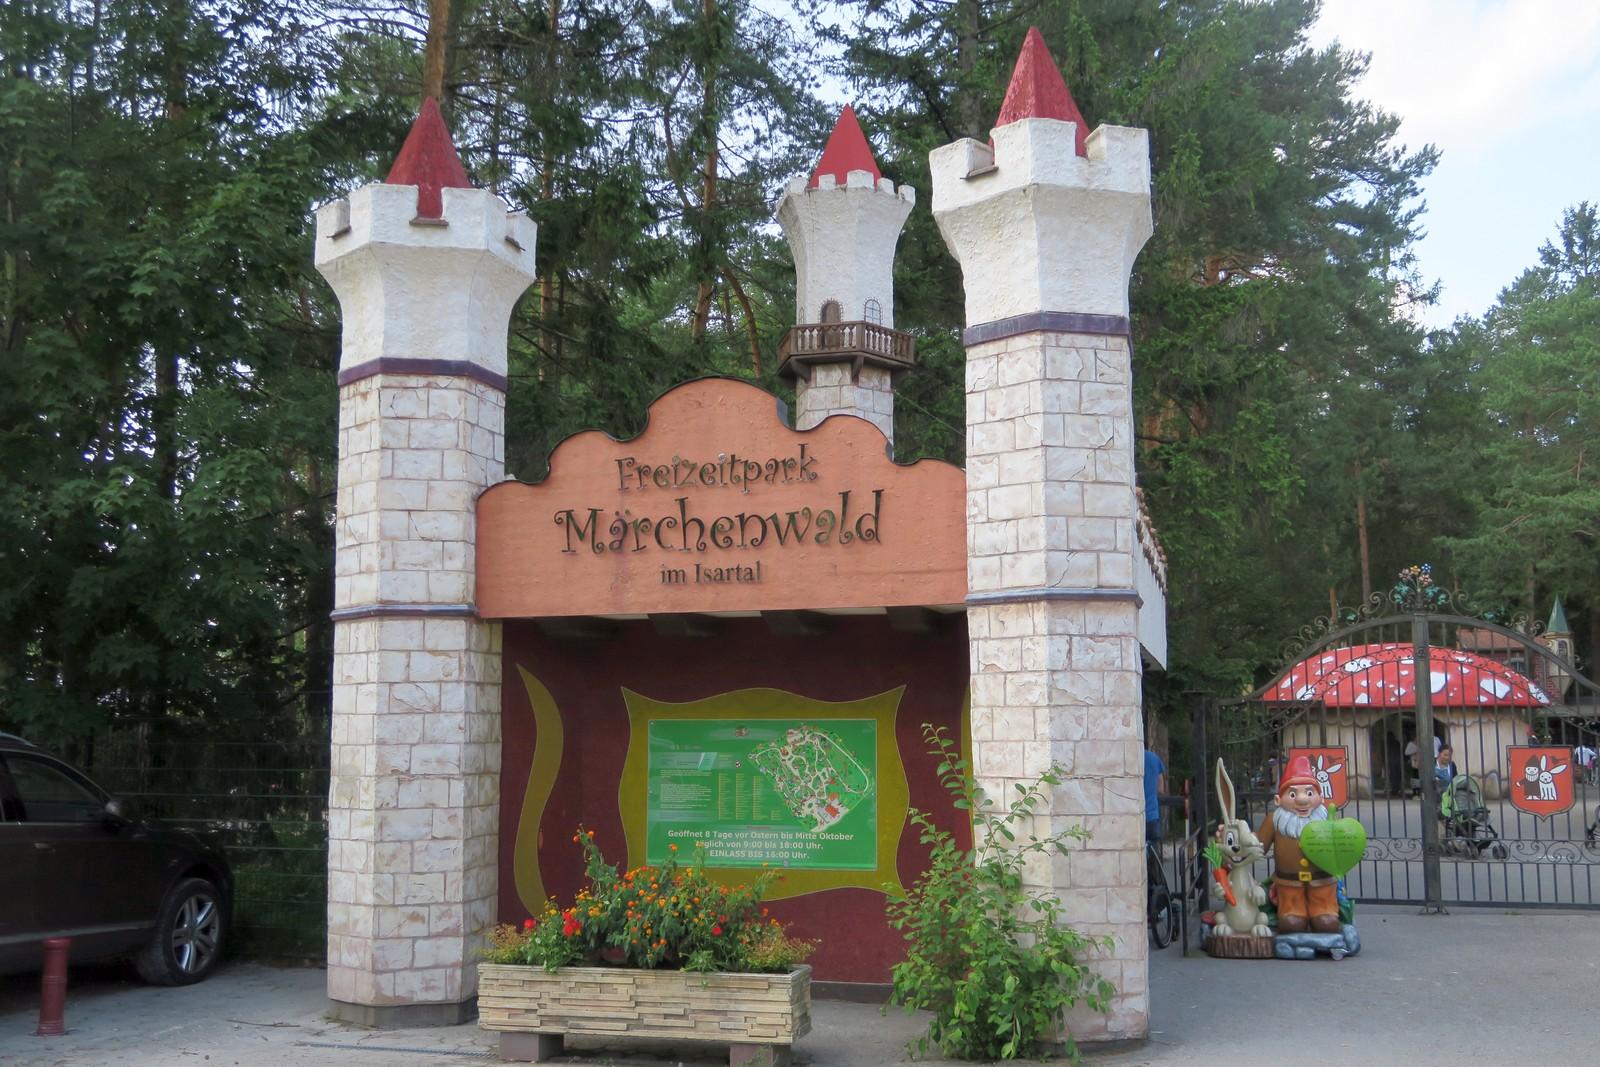 Bester Freizeitpark in Bayern